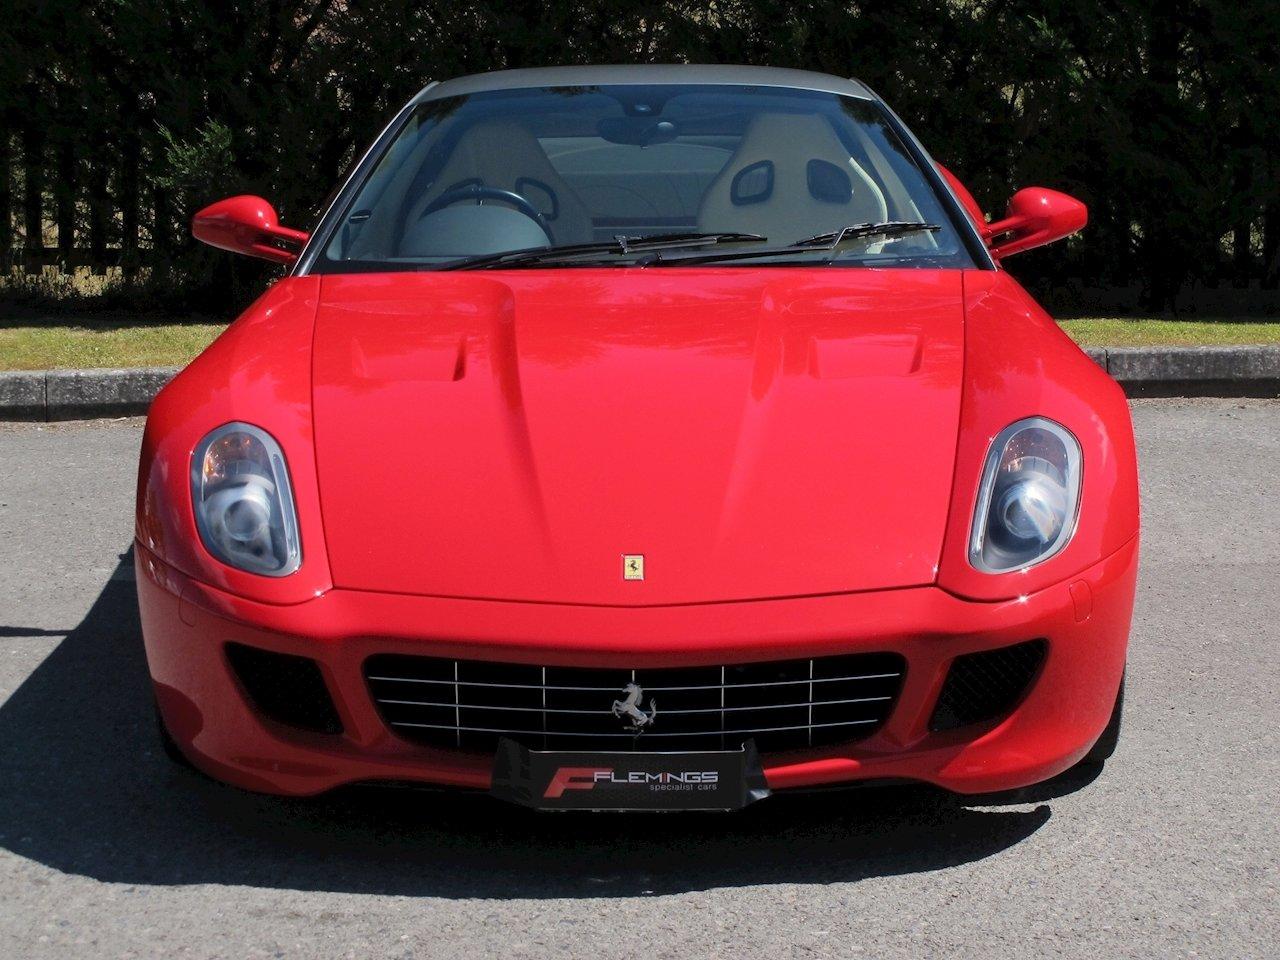 2006 Ferrari 599 GTB Fiorano  For Sale (picture 2 of 6)